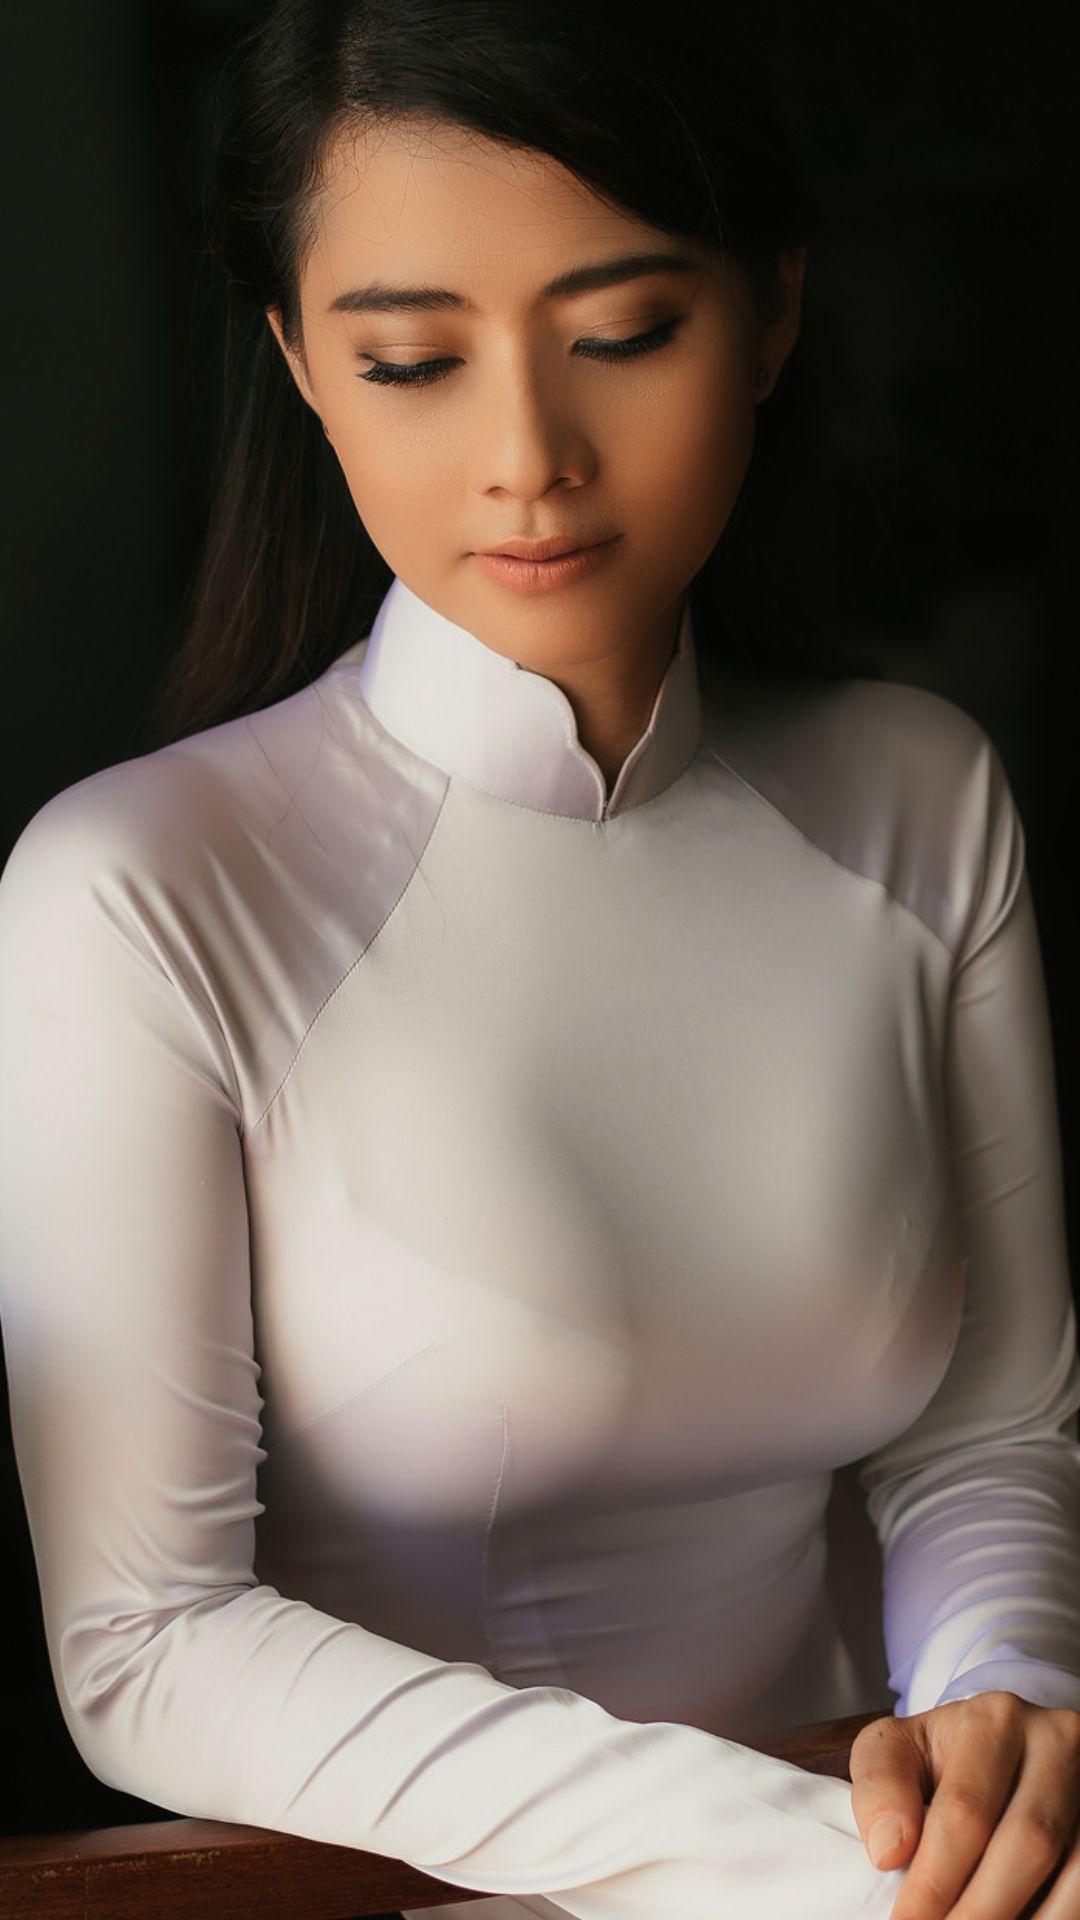 アオザイ ヌード - AV女優 エロ画像.com